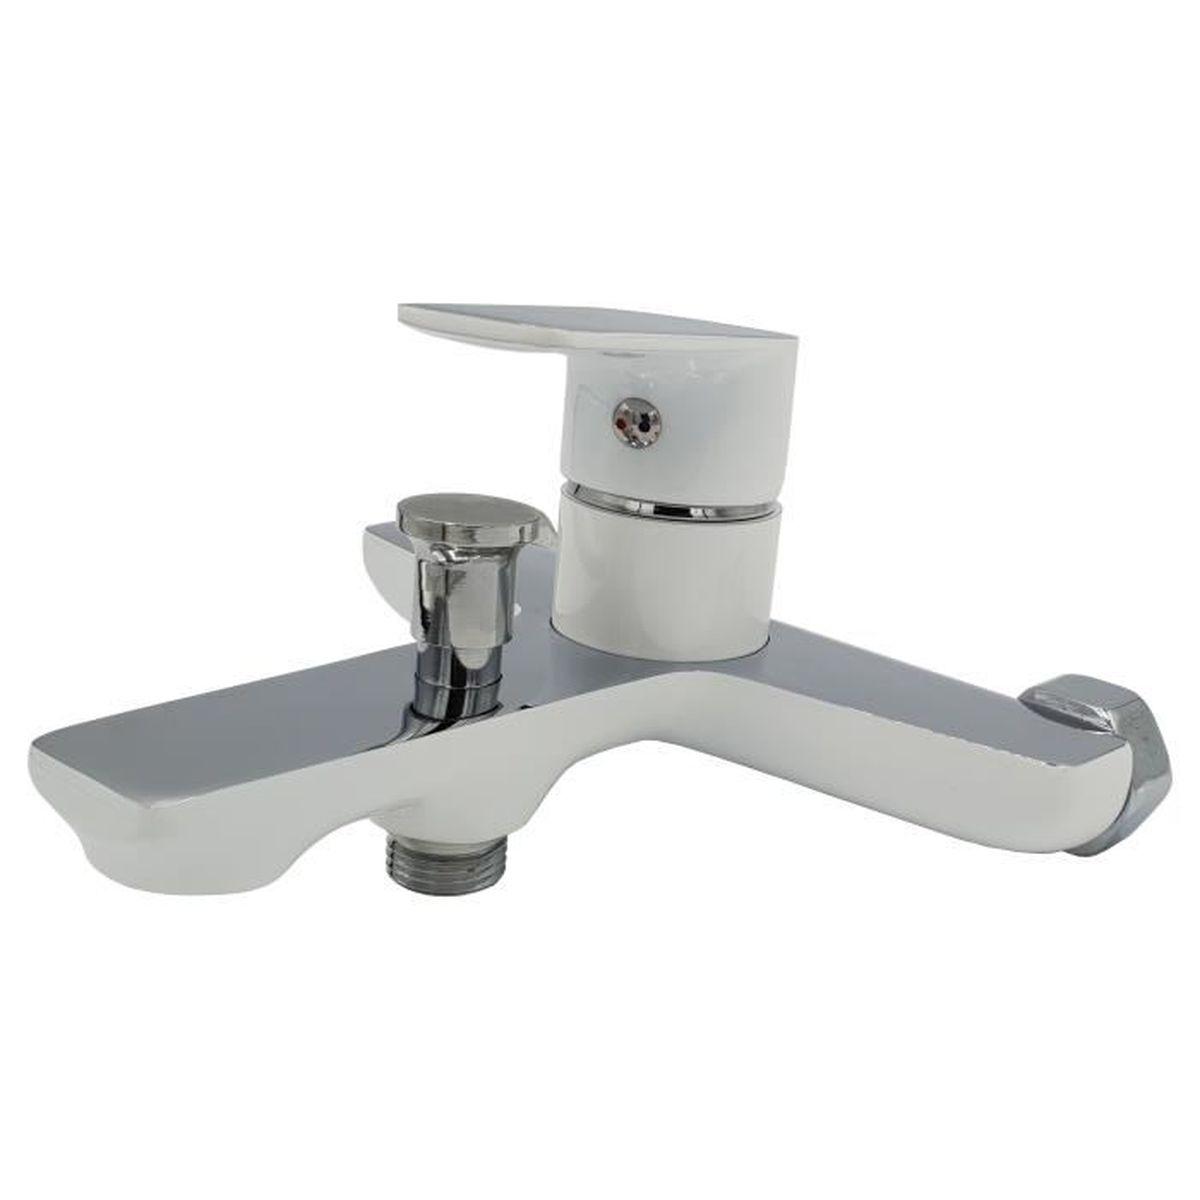 Baignoire Ceramique Pas Cher robinet baignoire blanc